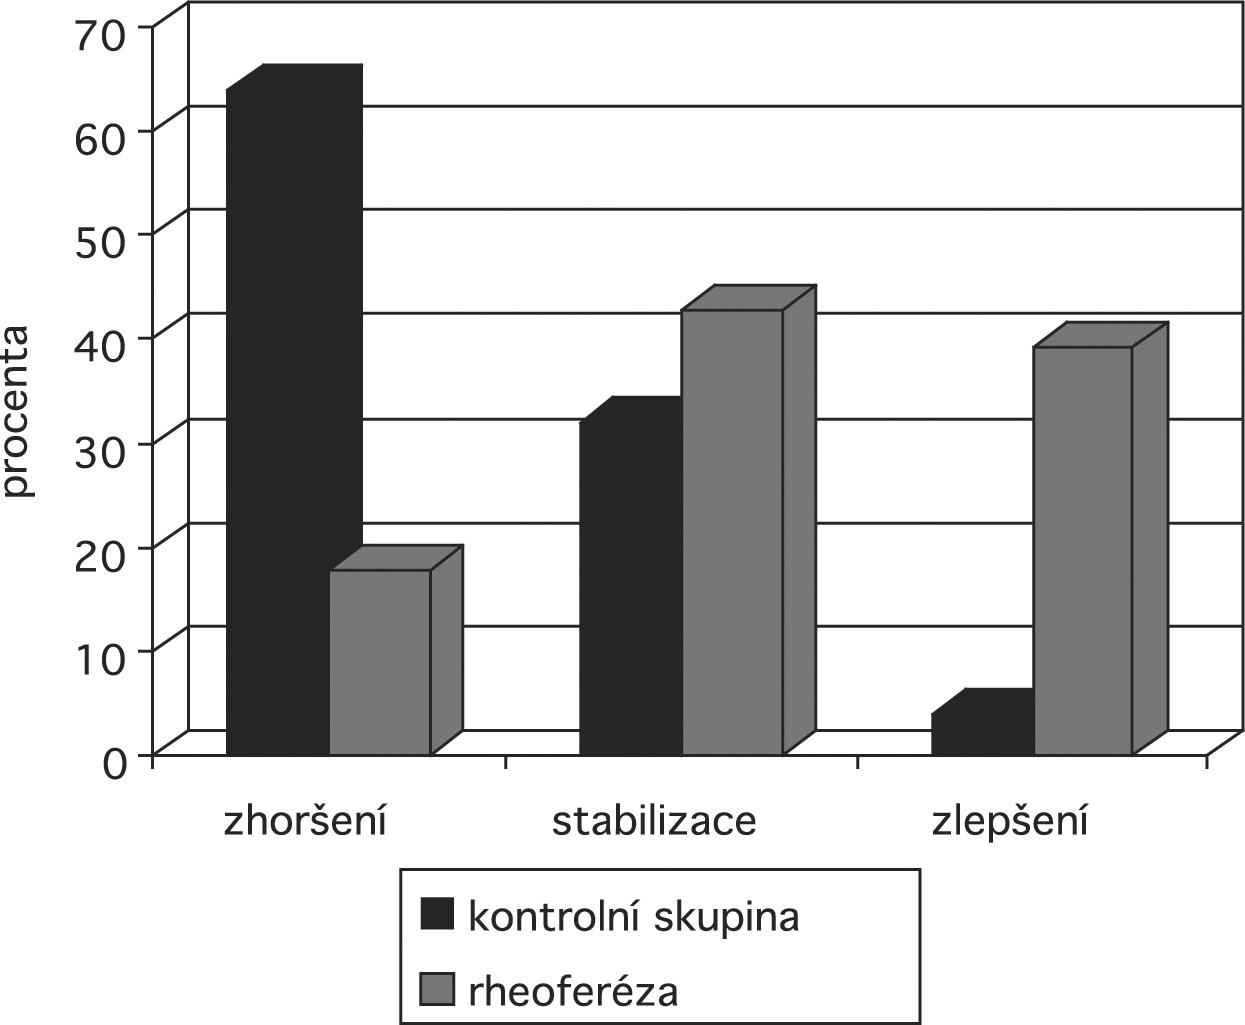 Graf 1c: Hodnocení nejlépe korigované zrakové ostrosti (NKZO). – Popis: Změny NKZO léčených nemocných (zhoršení u 17,9%, stabilizace u 42,8%, u 39,9% zlepšení) ve srovnání s kontrolní skupinou, kde zhoršení nastalo u 64%, stabilizace u 32% a zlepšení u 4% očí.